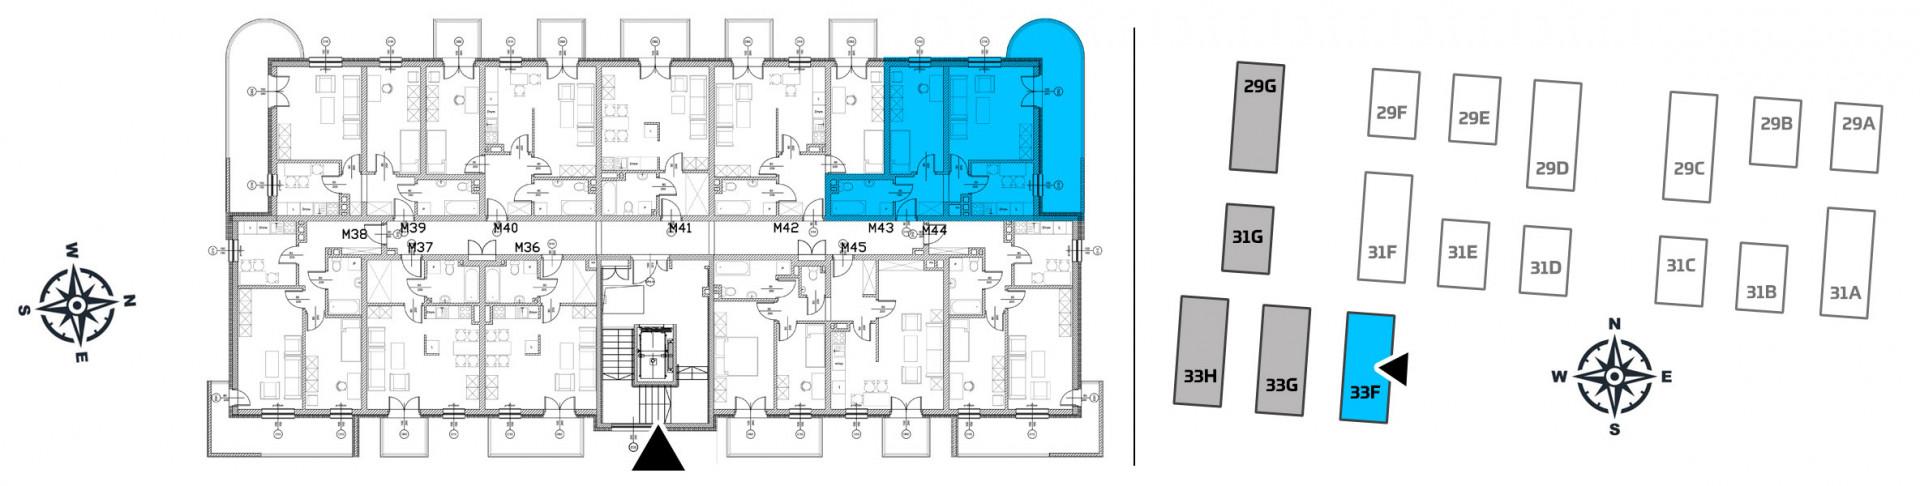 Mieszkanie dwupokojowe 33F/43 rzut 2